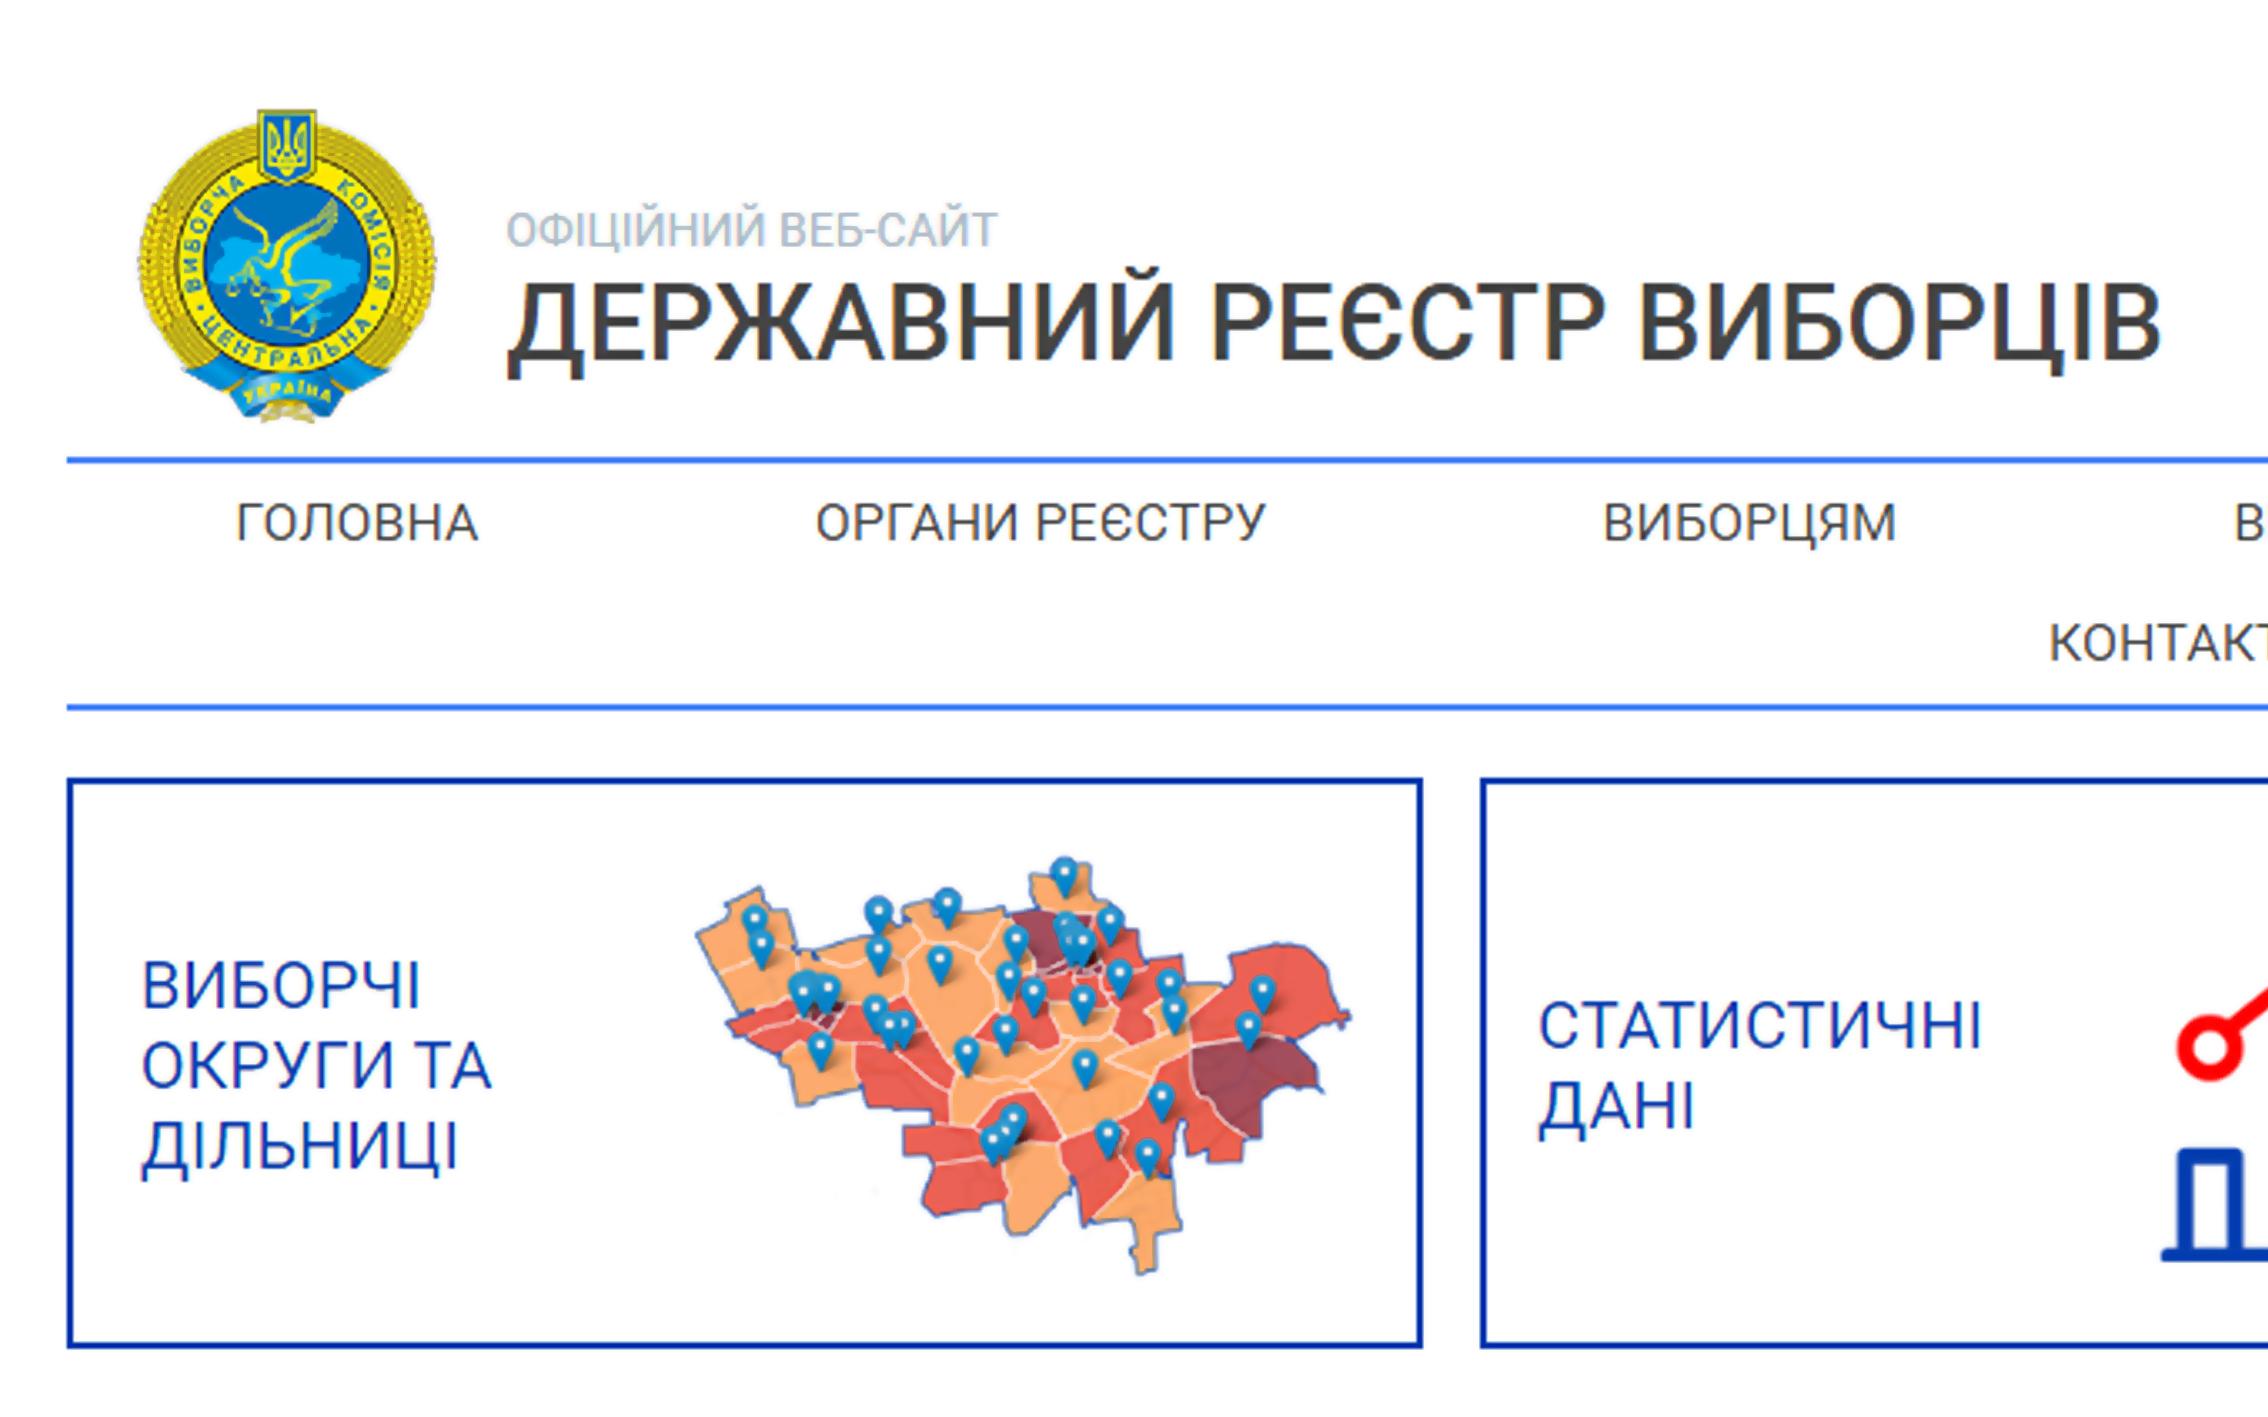 Как проверить себя в списках избирателей Национальная ассоциация защиты прав граждан nazpg.com НАЗПГ 048 736 25 75